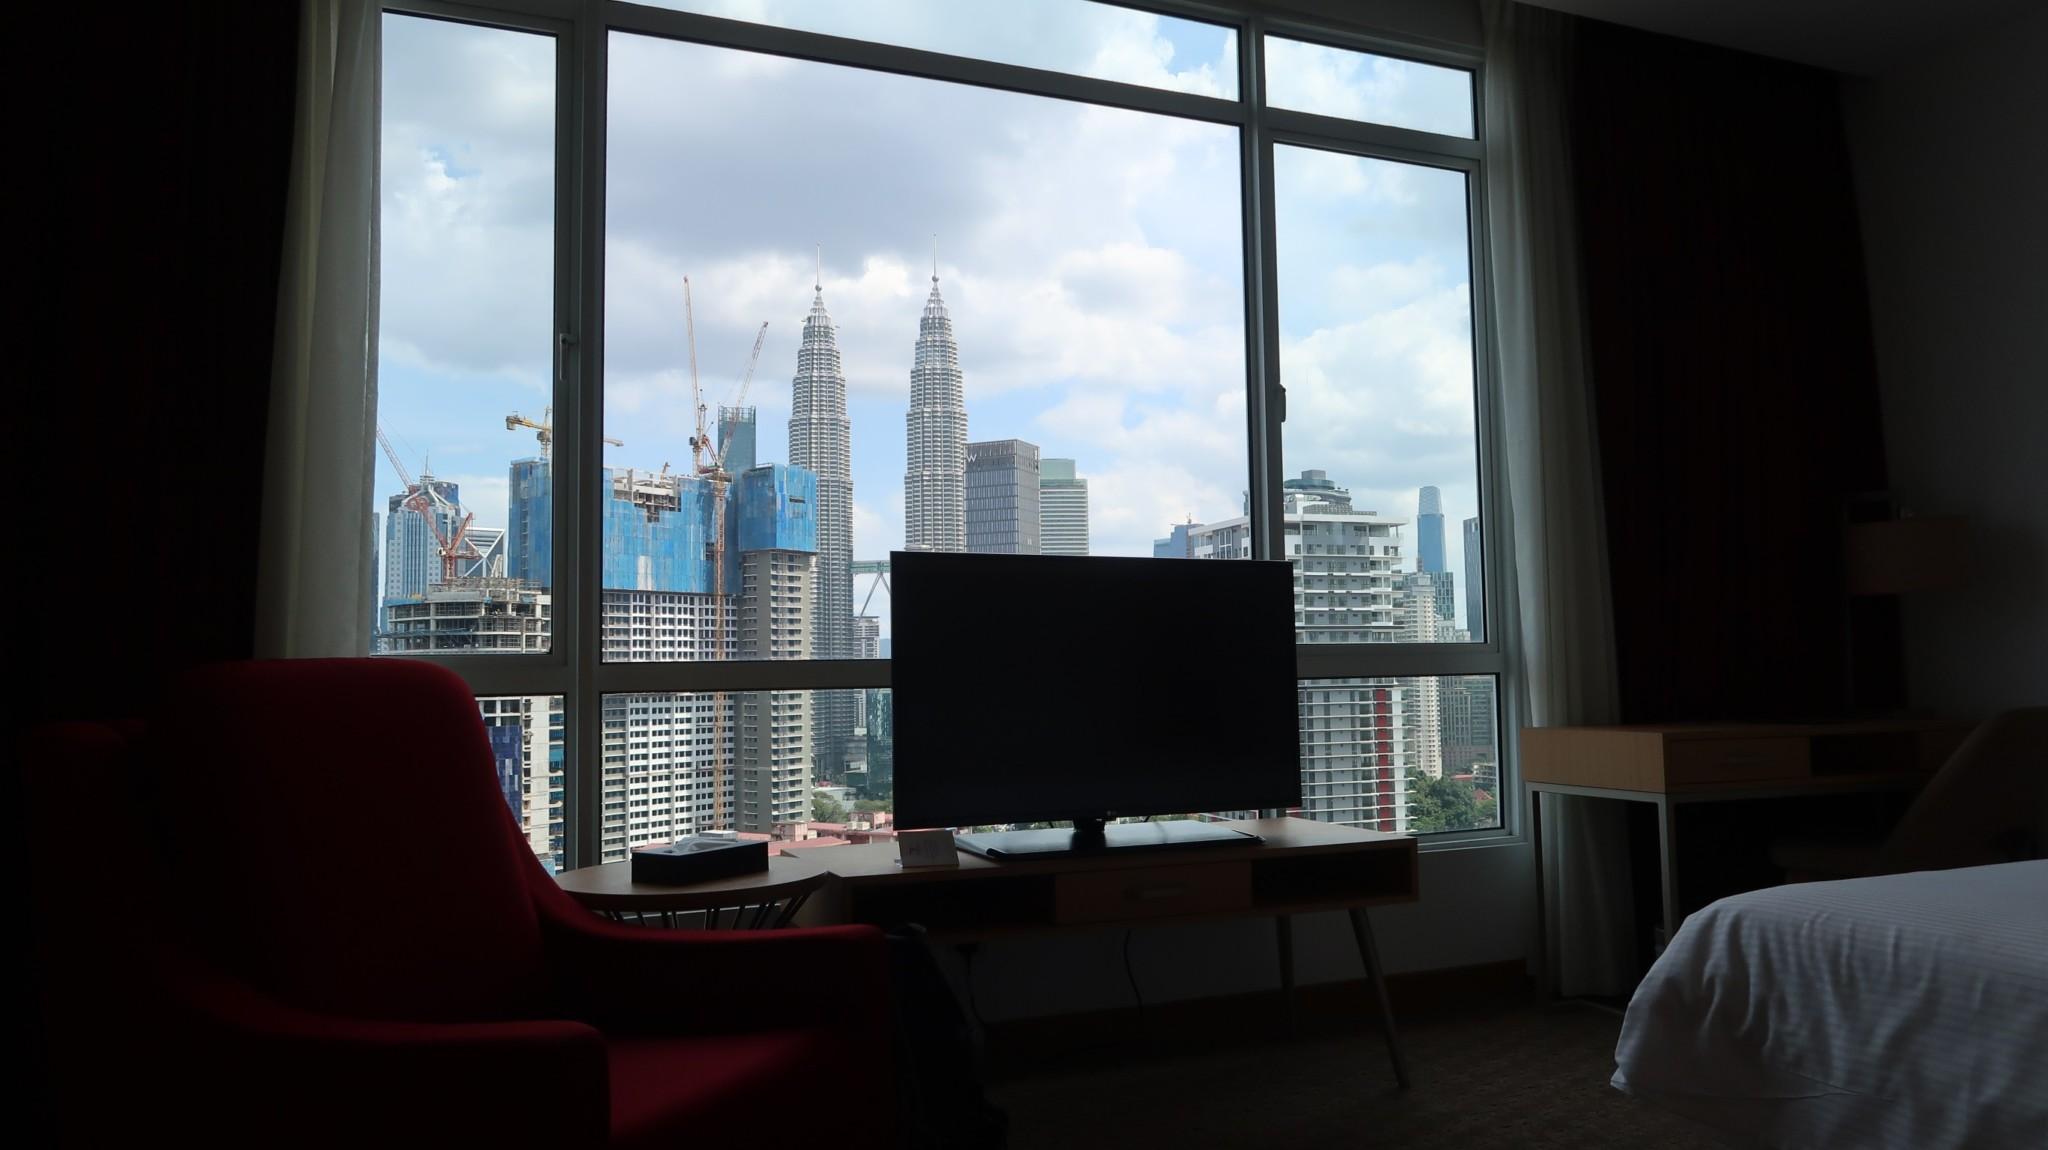 Blick auf Zwillingstürme in Kuala Lumpur während der Weltreise, Reiseberichte